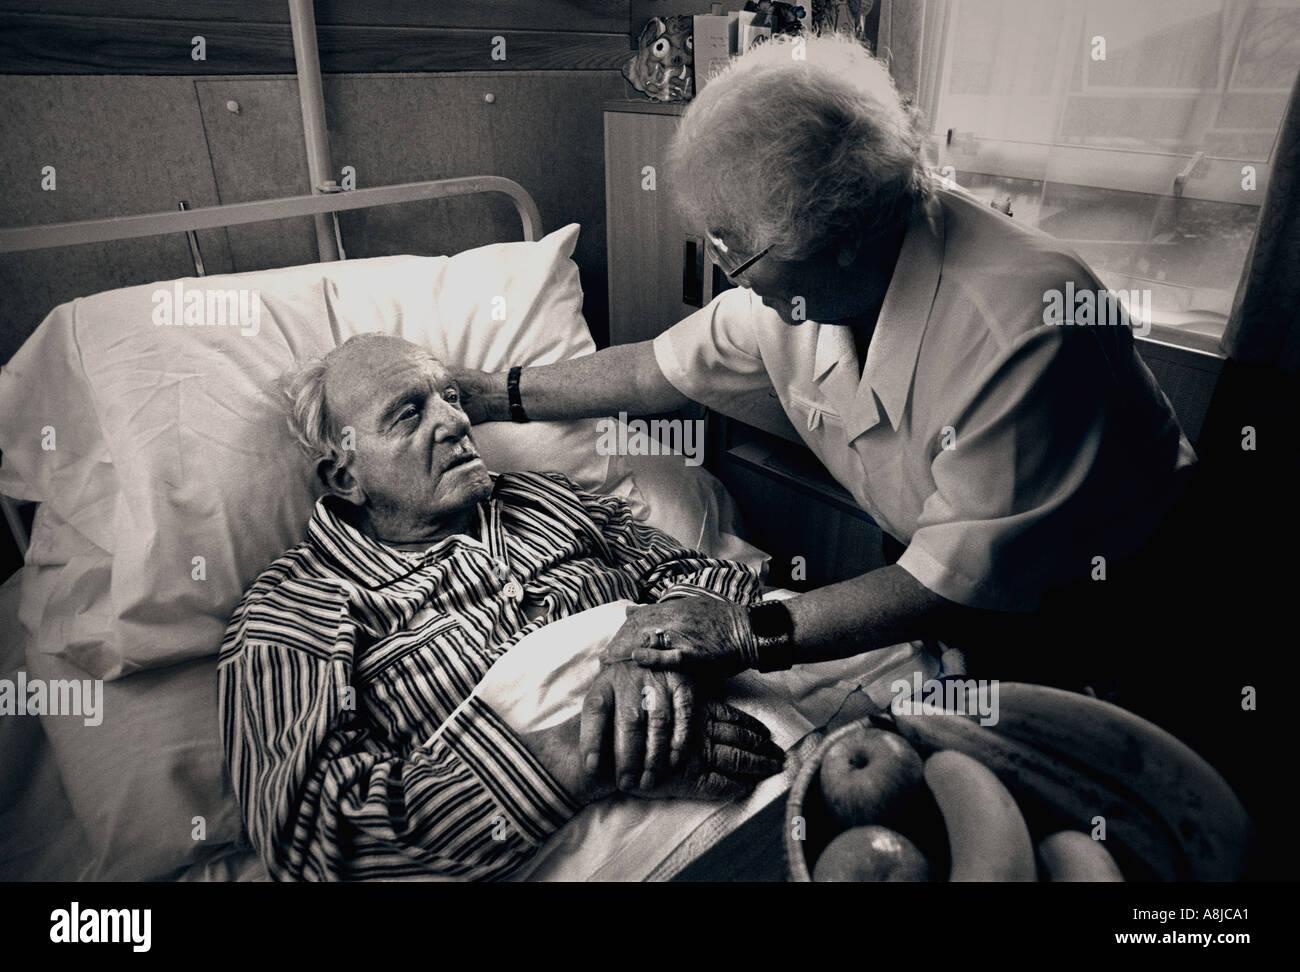 Visiter femme soignant confort accompagnement monsieur âgé dans son soin accueil traitement tons noir et blanc Photo Stock